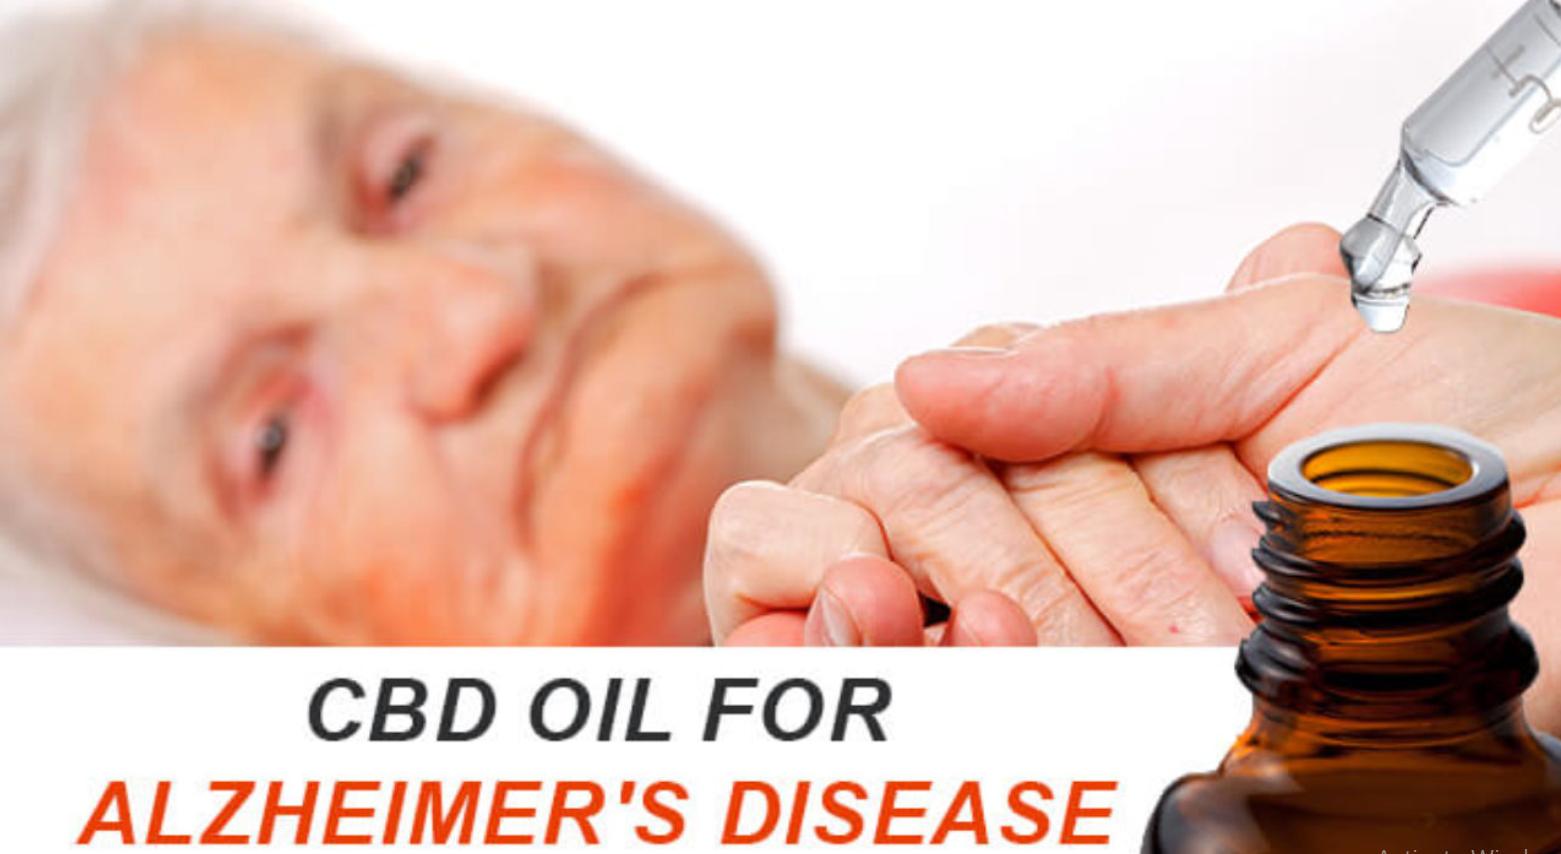 CBD can treat Alzheimer